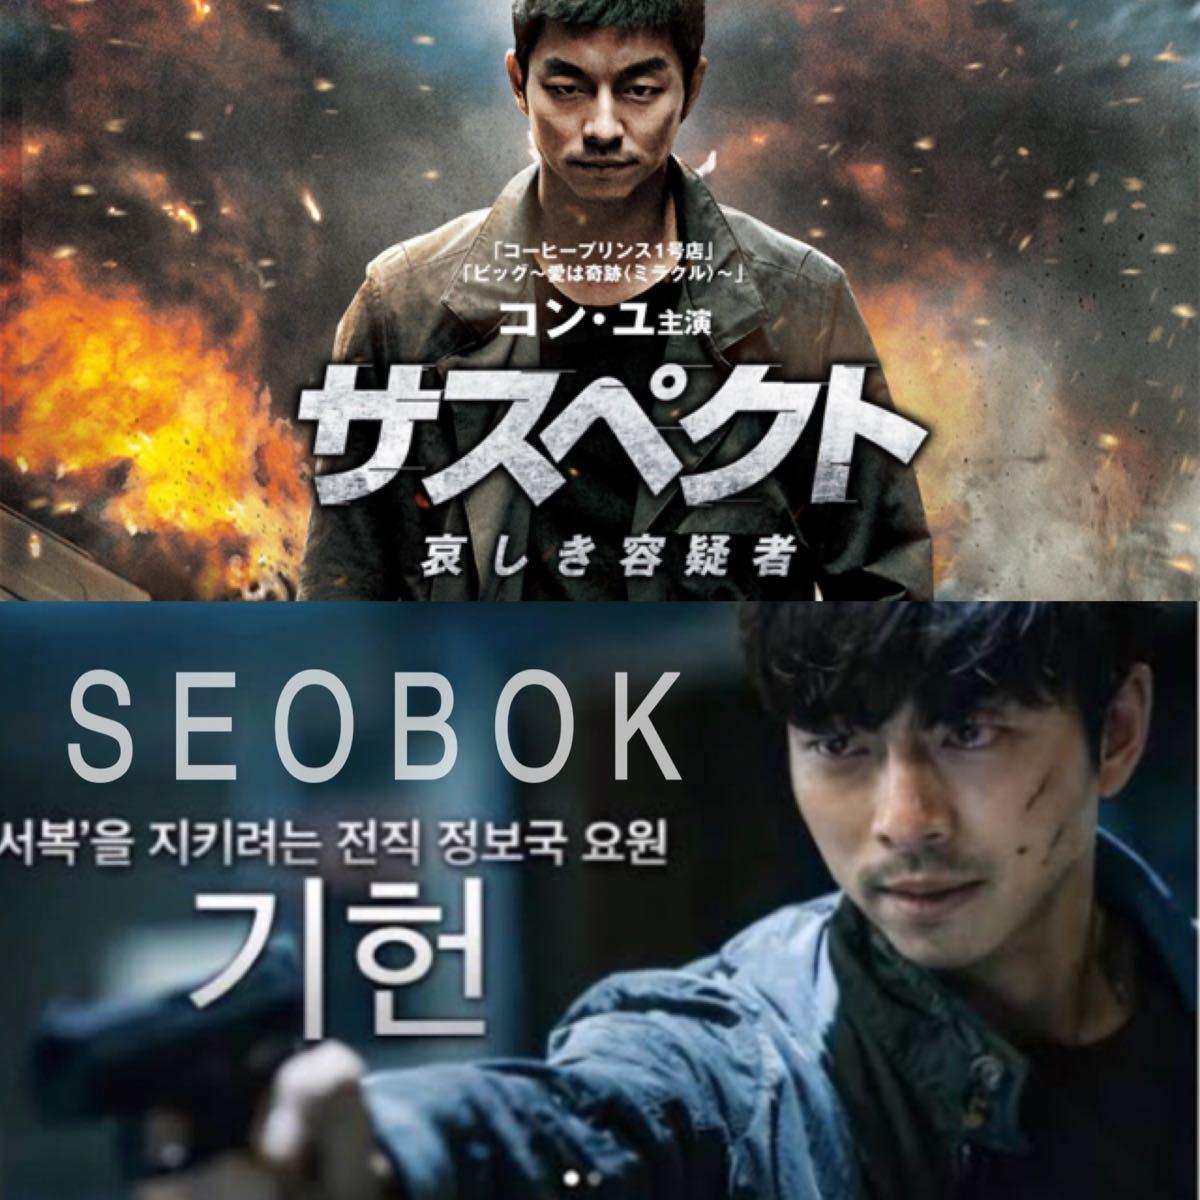 韓国映画  ソボク  SEOBOK  サスペクト  DVD  2点セット  レーベル有り